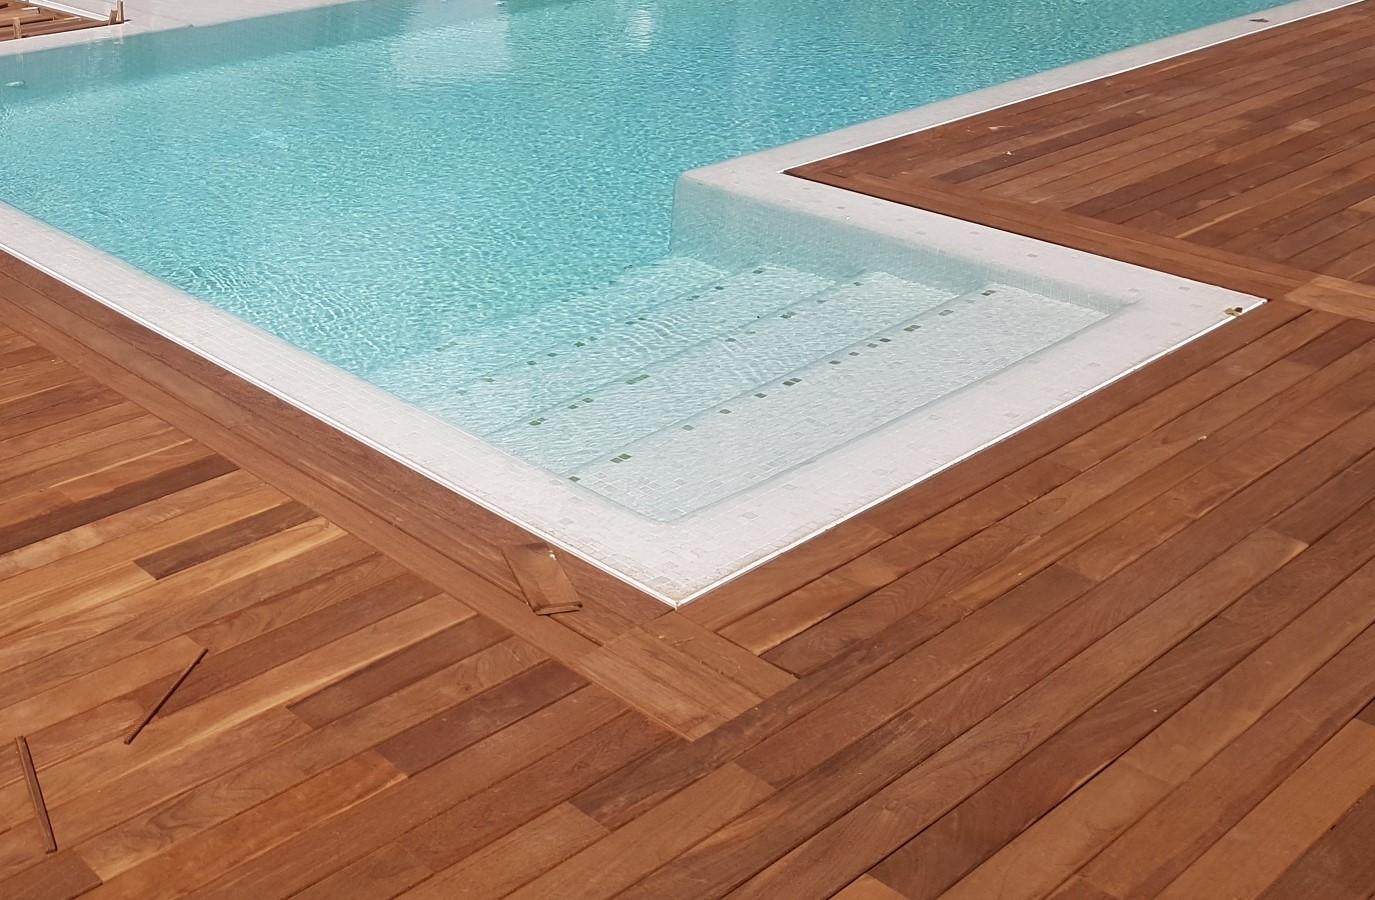 Proyectos Más Madera: Revestimiento con madera de Ipé en piscina de Puerto Banús (Marbella)